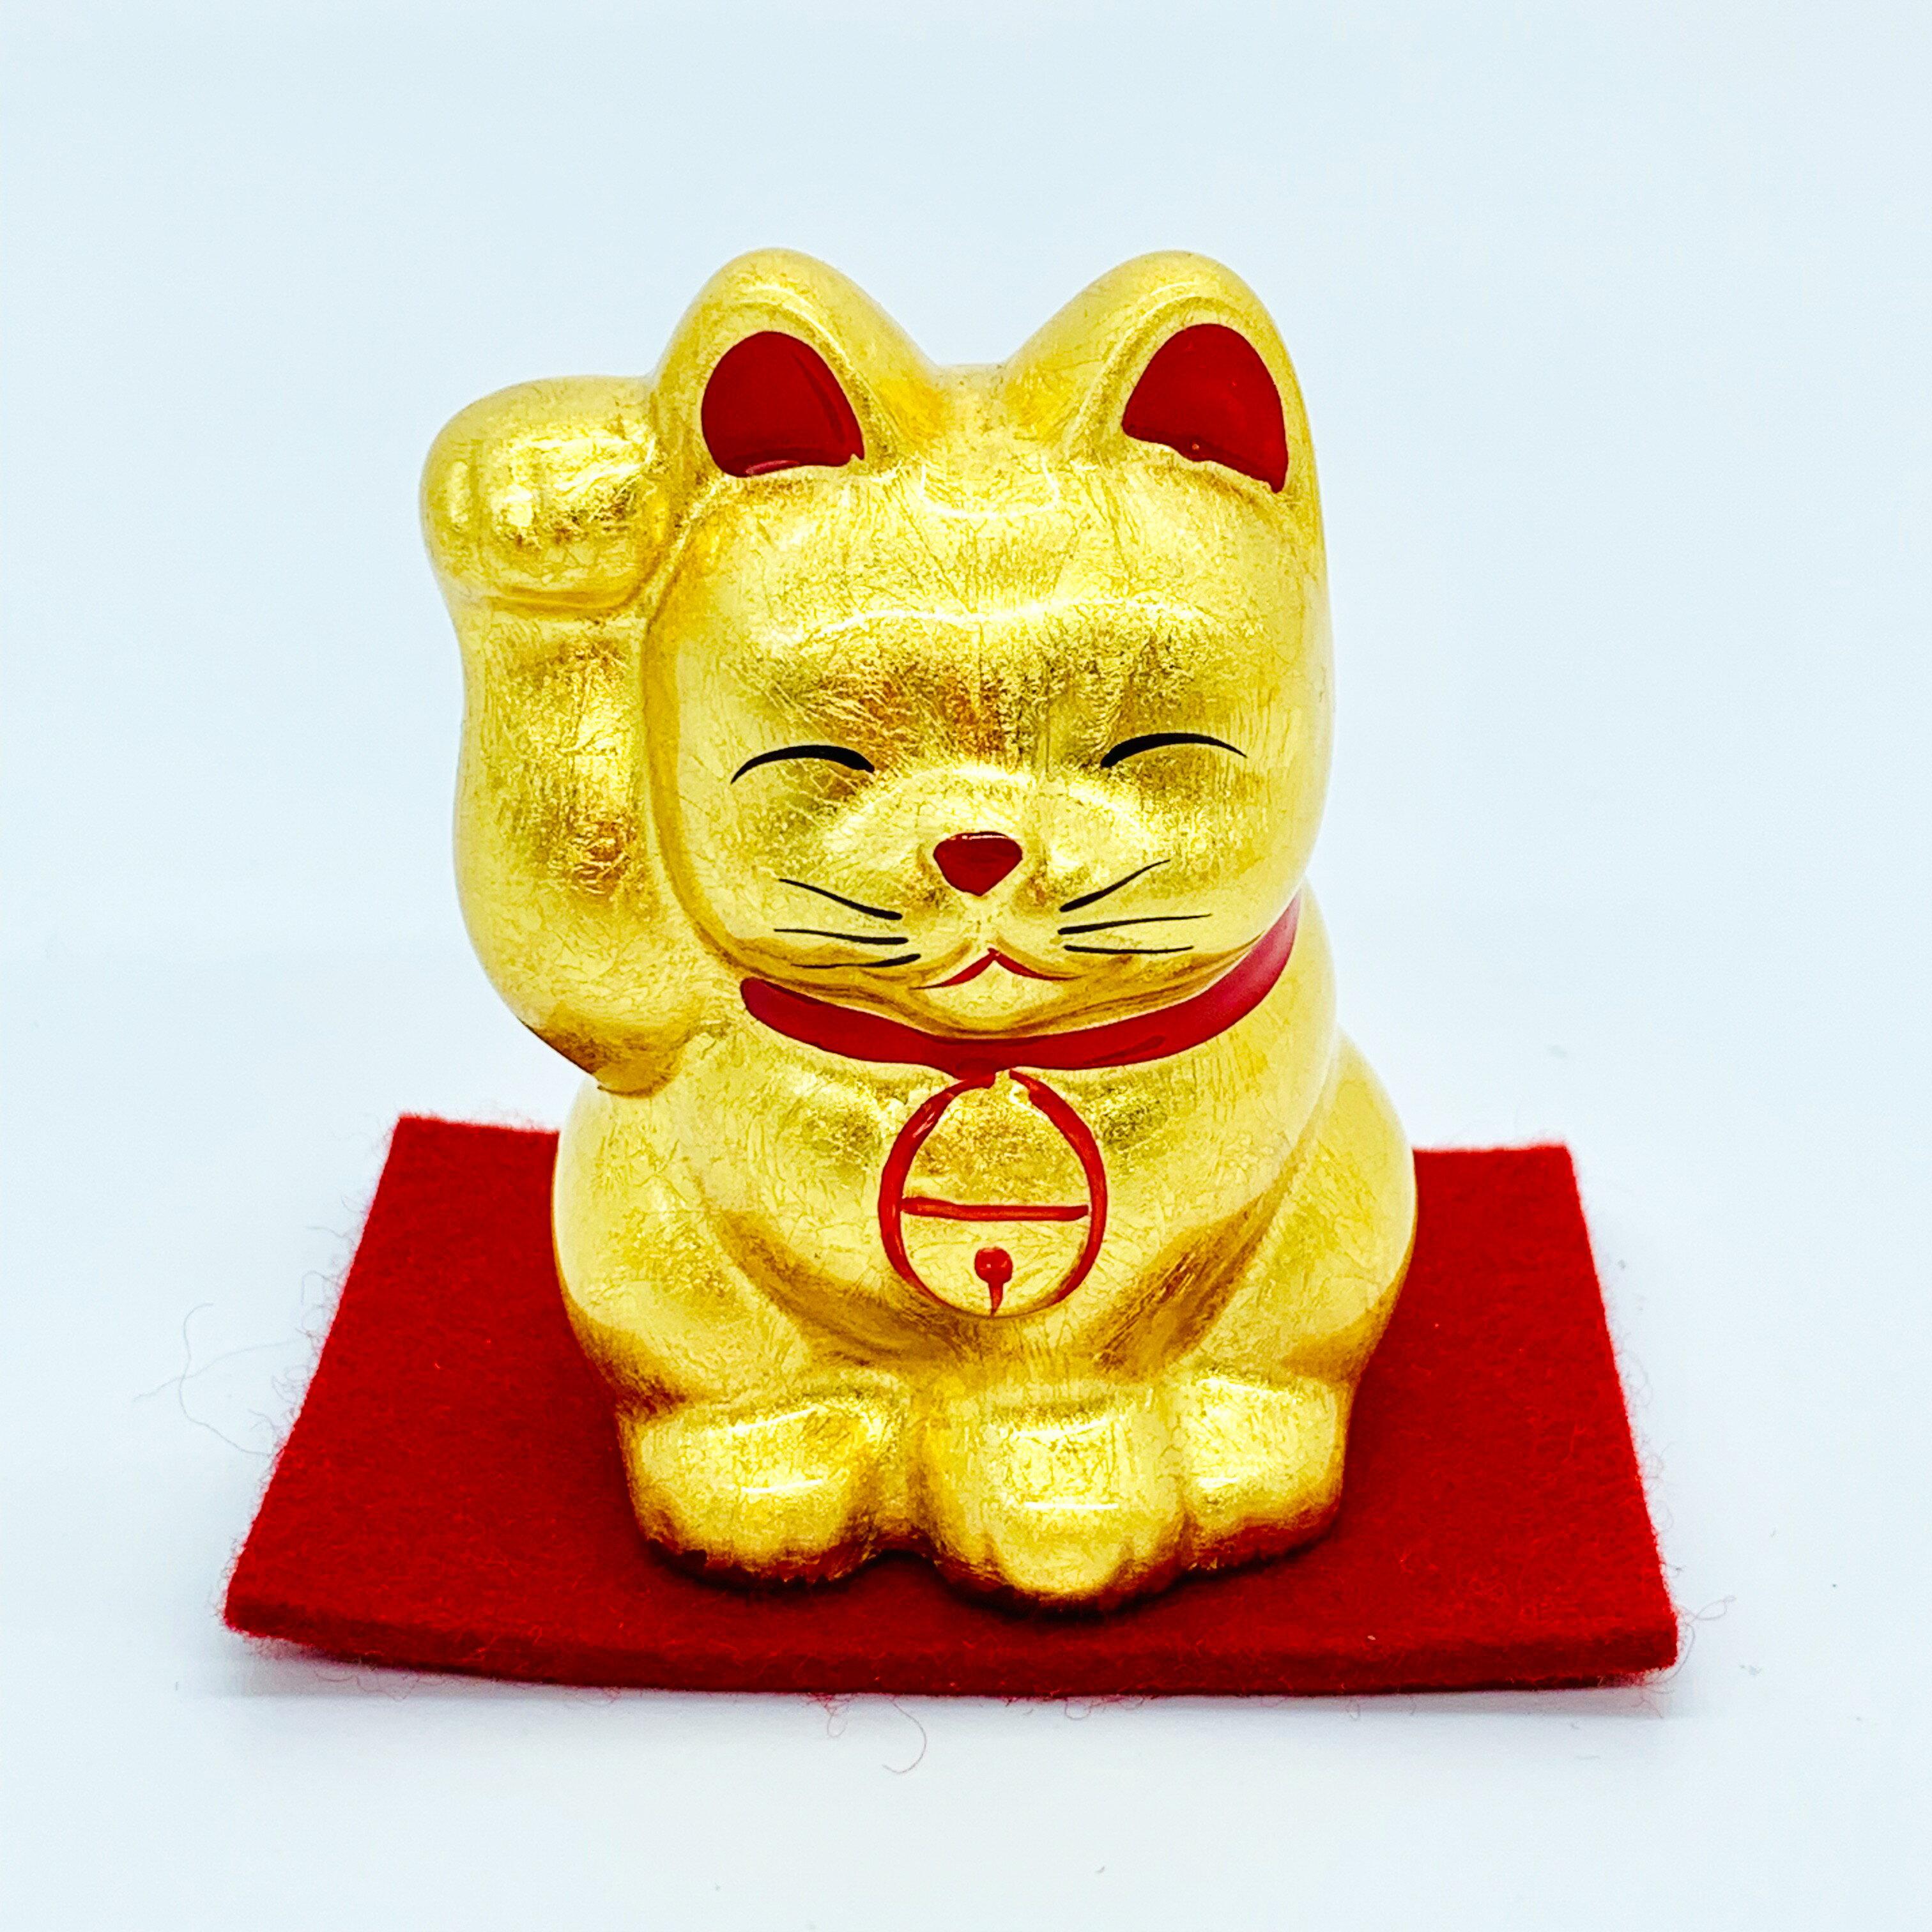 日本 金澤 金箔招財貓  2 號 日本百年老店直送 職人手作貼製 0